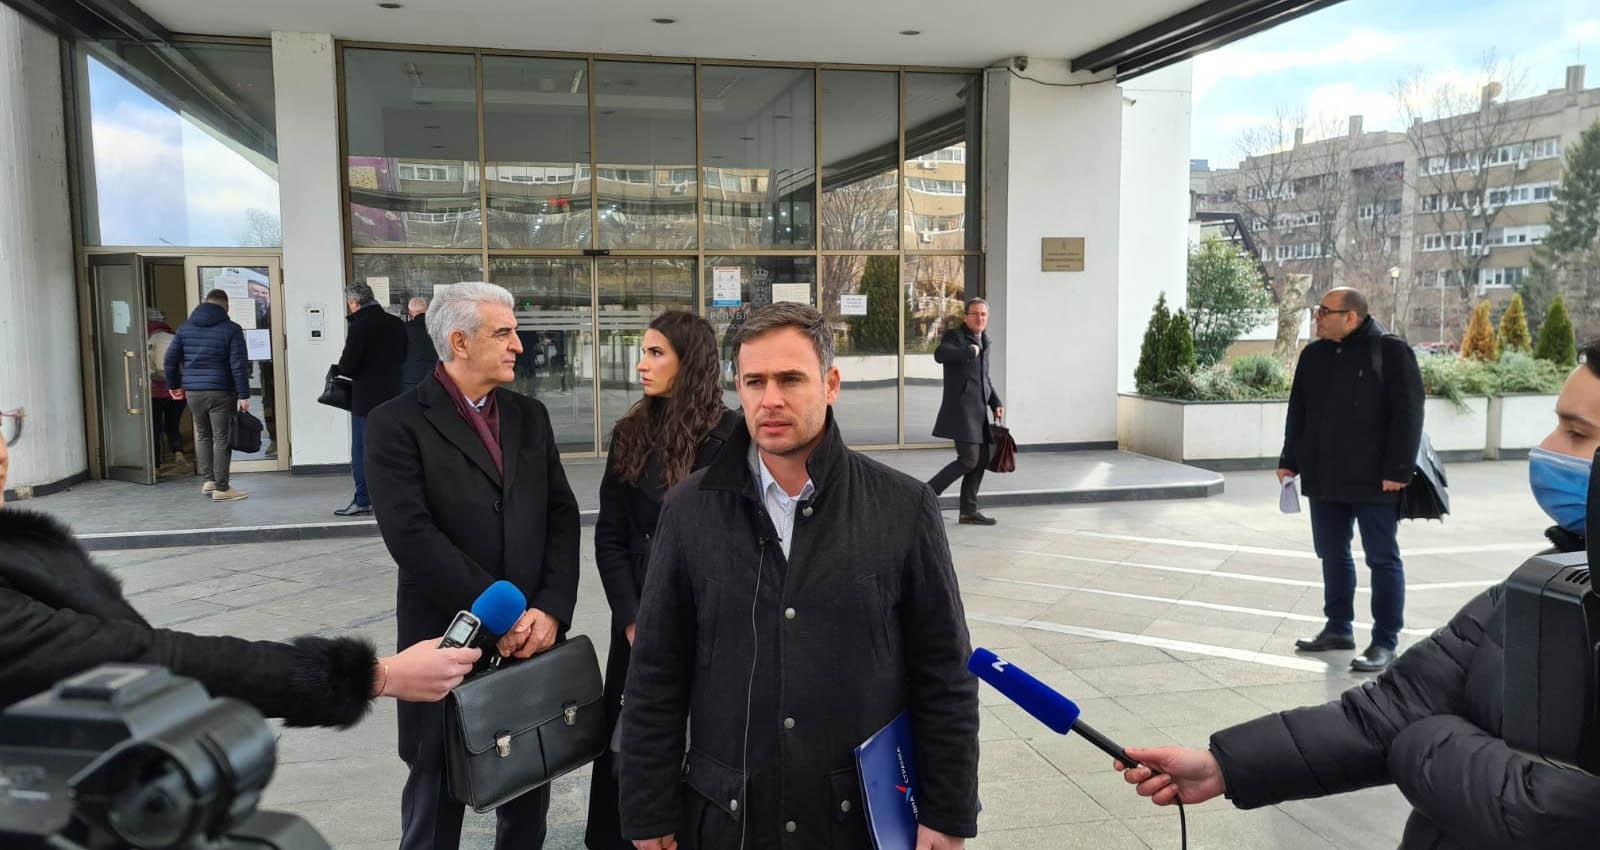 Алексић: Суд упрегнут да донесе пресуду за Андреја Вучића наручену из врха режима